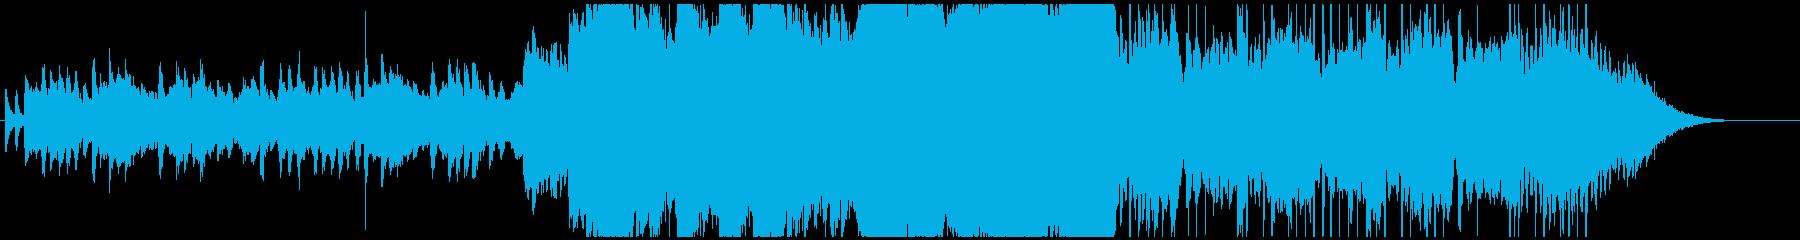 しっとり癒しのピアノ・エレピ・バイオリンの再生済みの波形